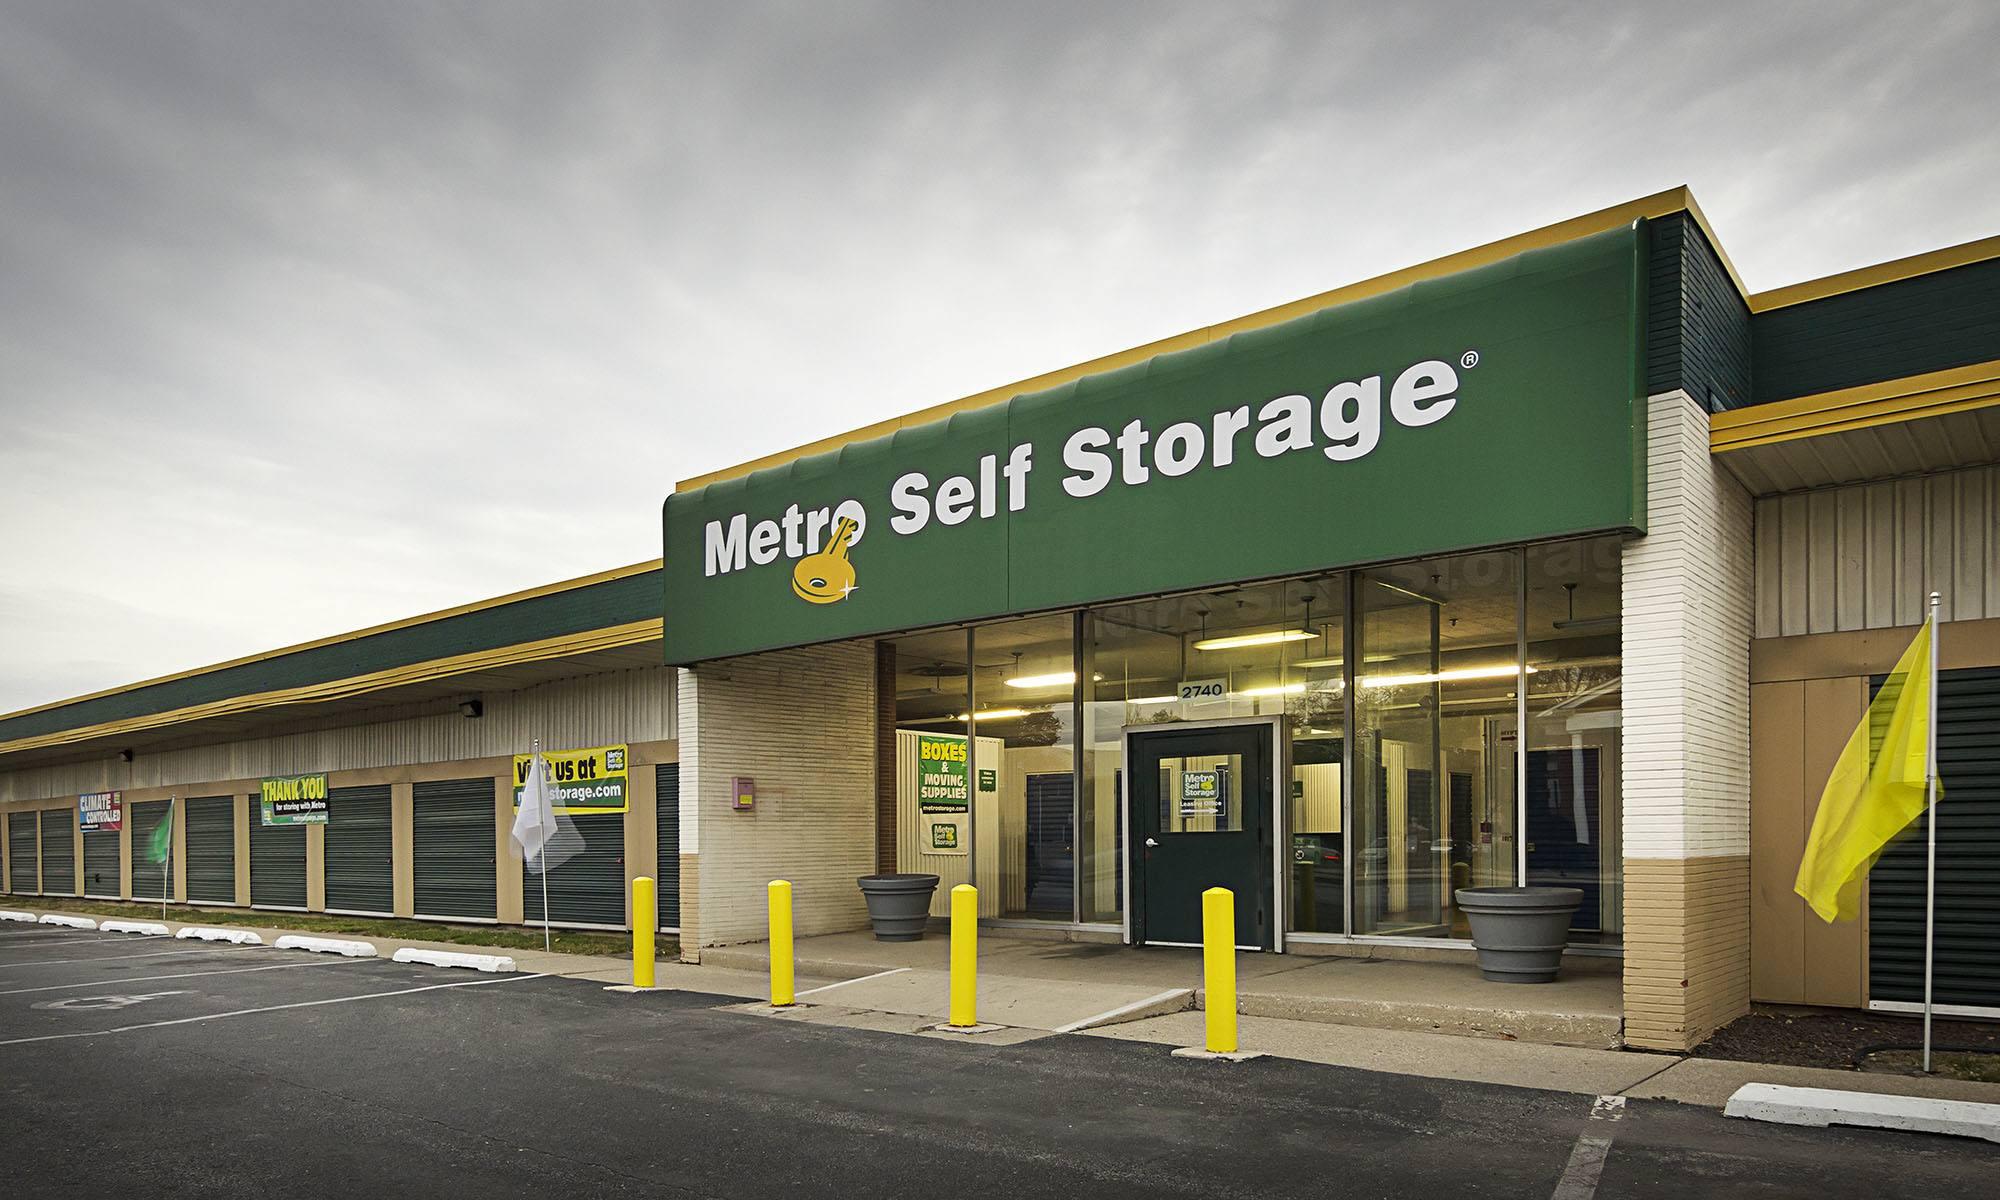 Metro Self Storage in Chicago, IL